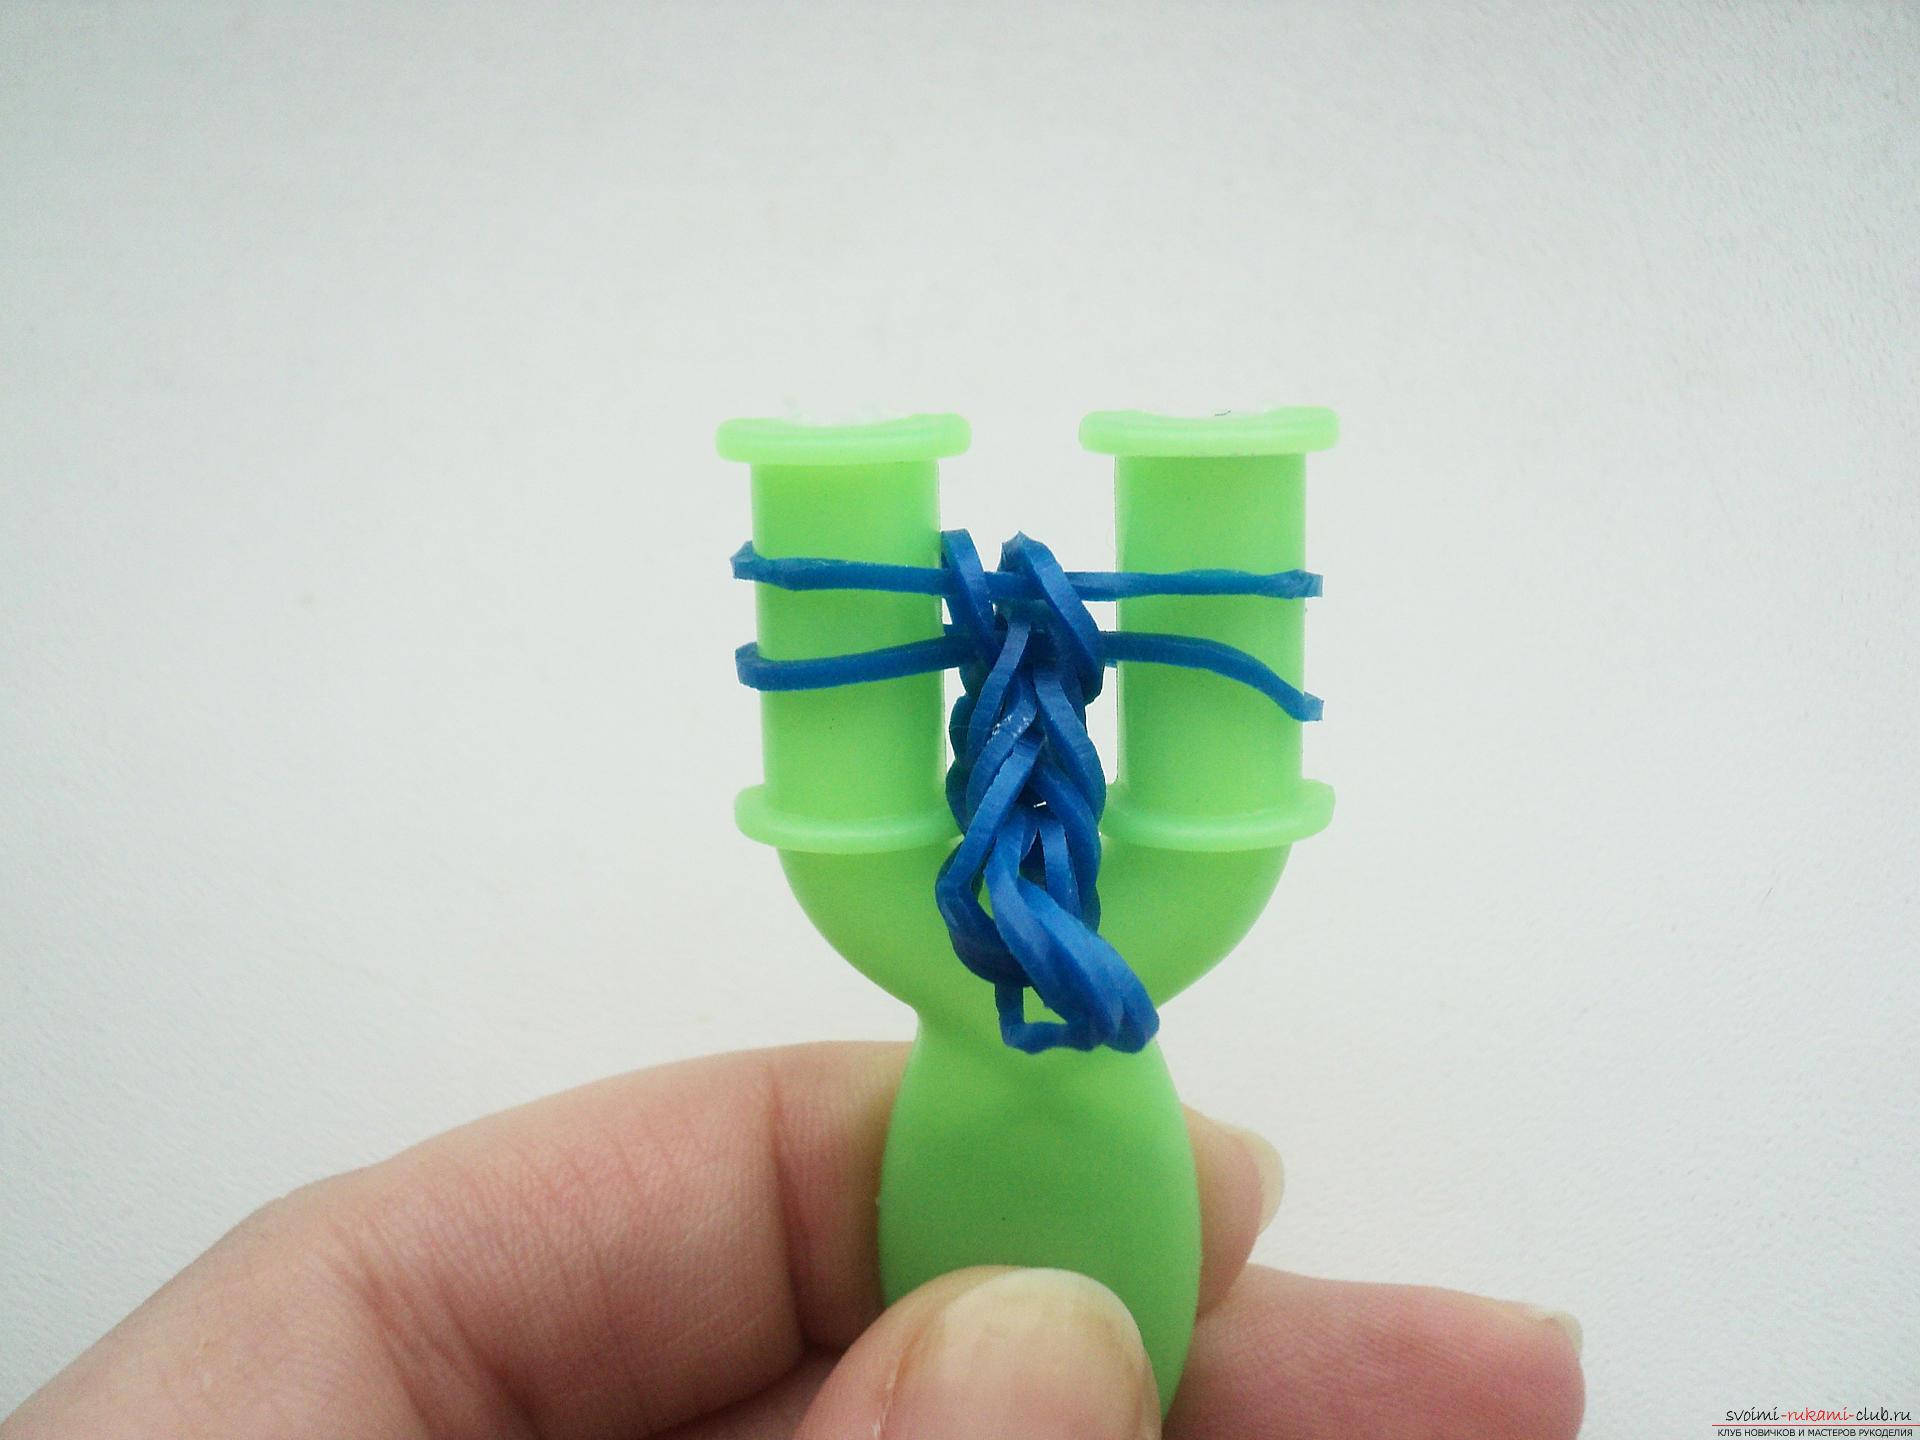 Этот подробный мастер-класс плетения из резиноччек на рогатке с описанием и фото расскажет как связать браслет из резиночек.